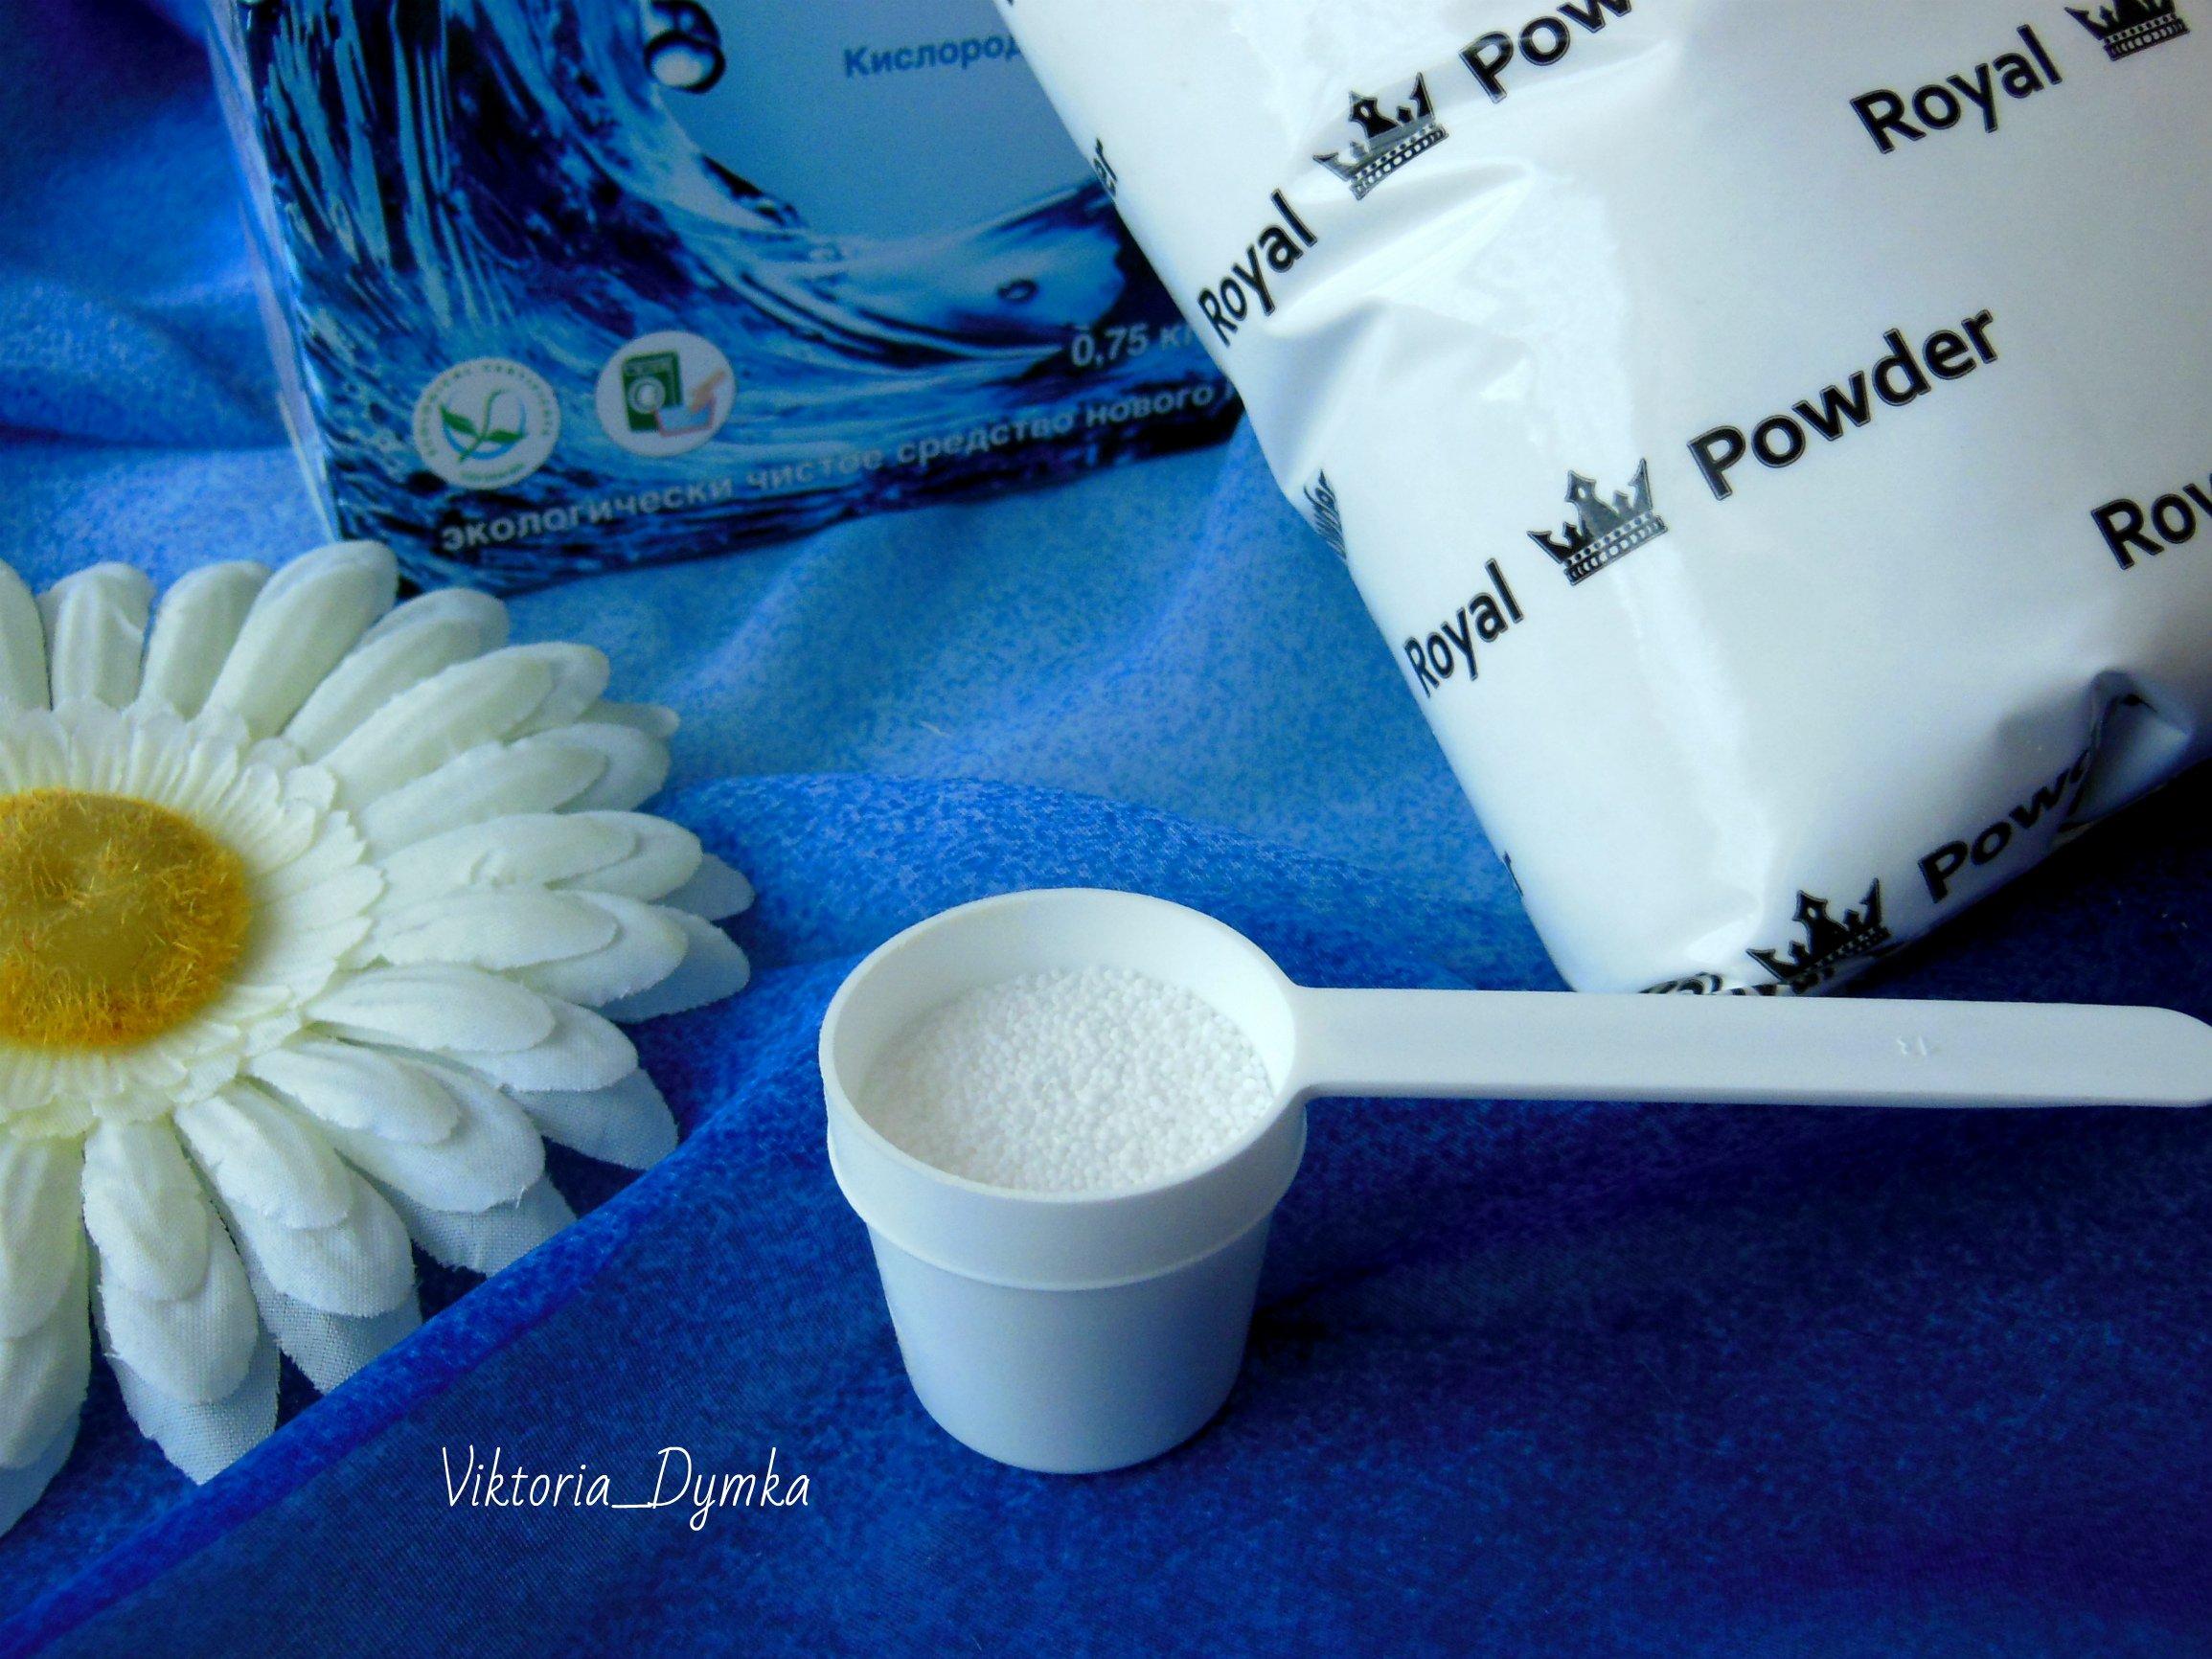 Эффективен для белых вещей, справится с давними пятнами и усилит яркость цветным. - характеристики